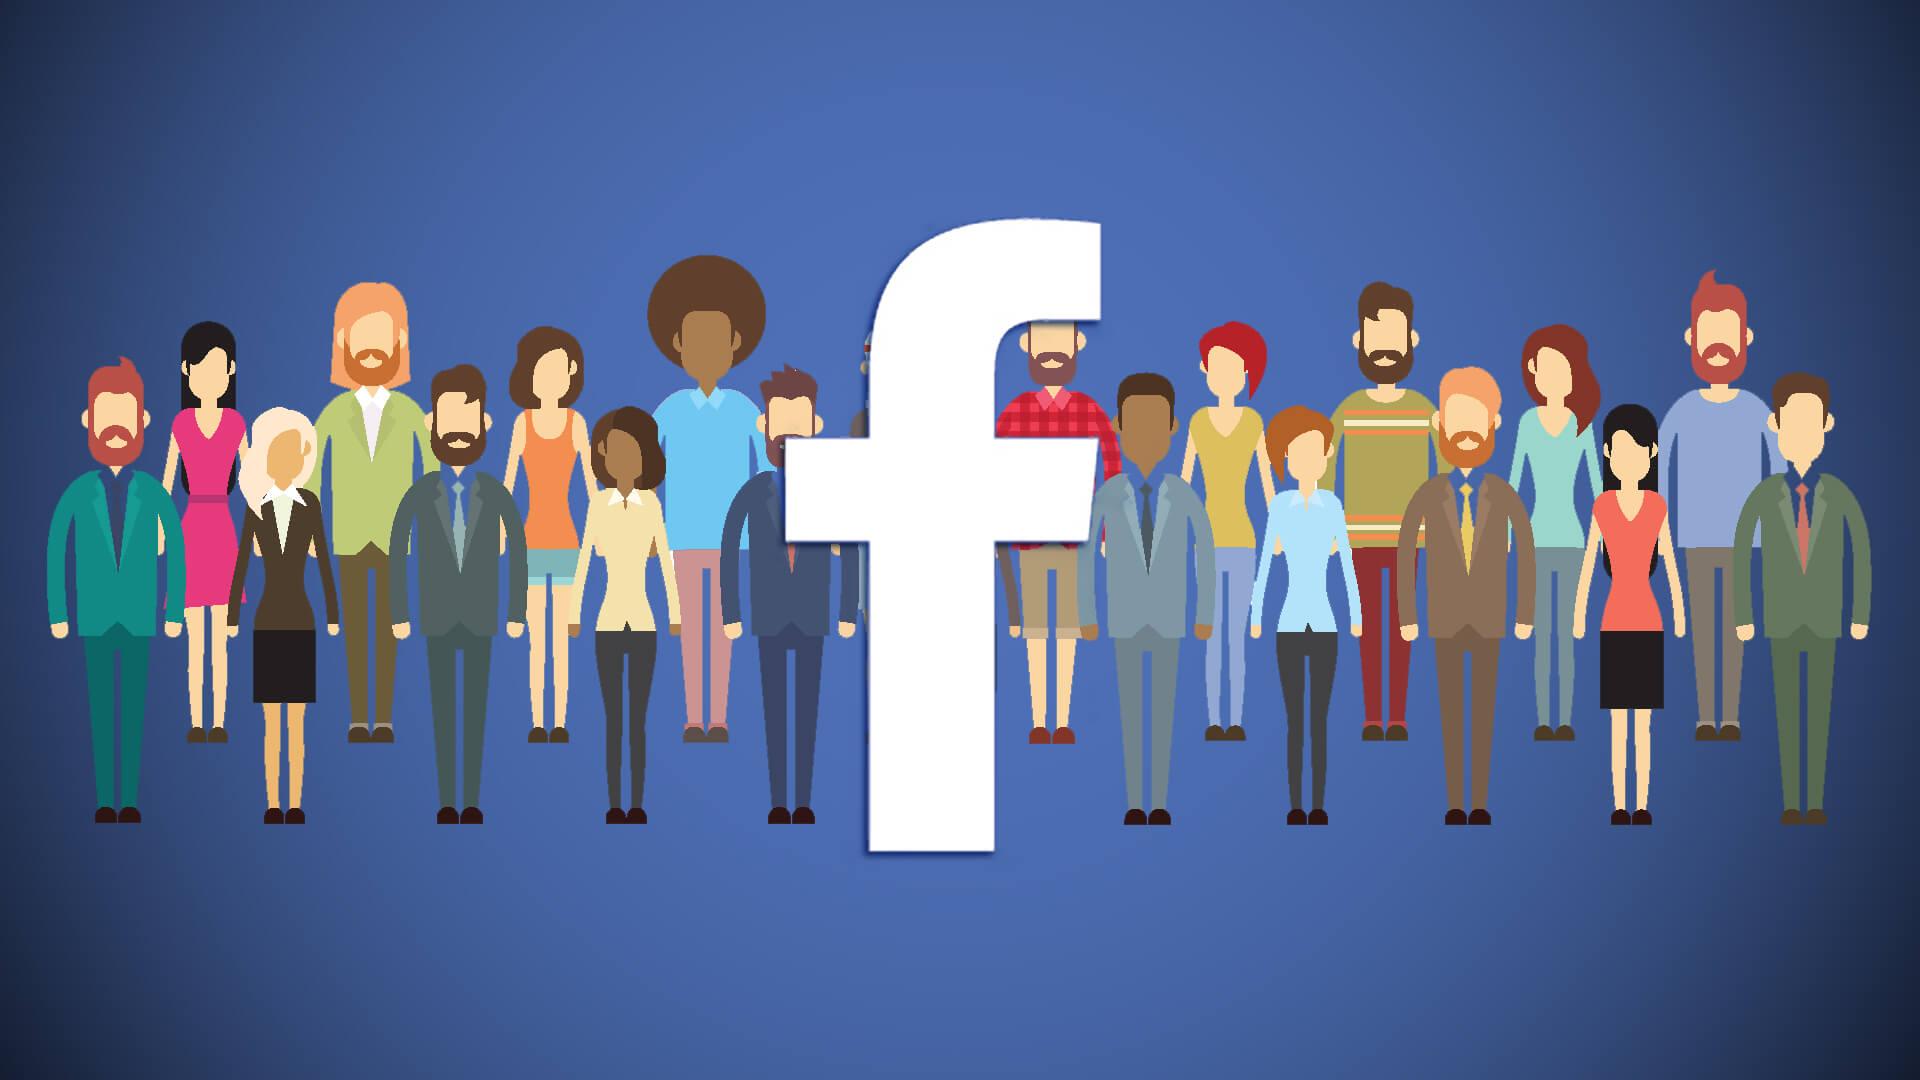 Imagem de Acusado de discriminação, Facebook vai excluir 5 mil categorias de anúncios no tecmundo